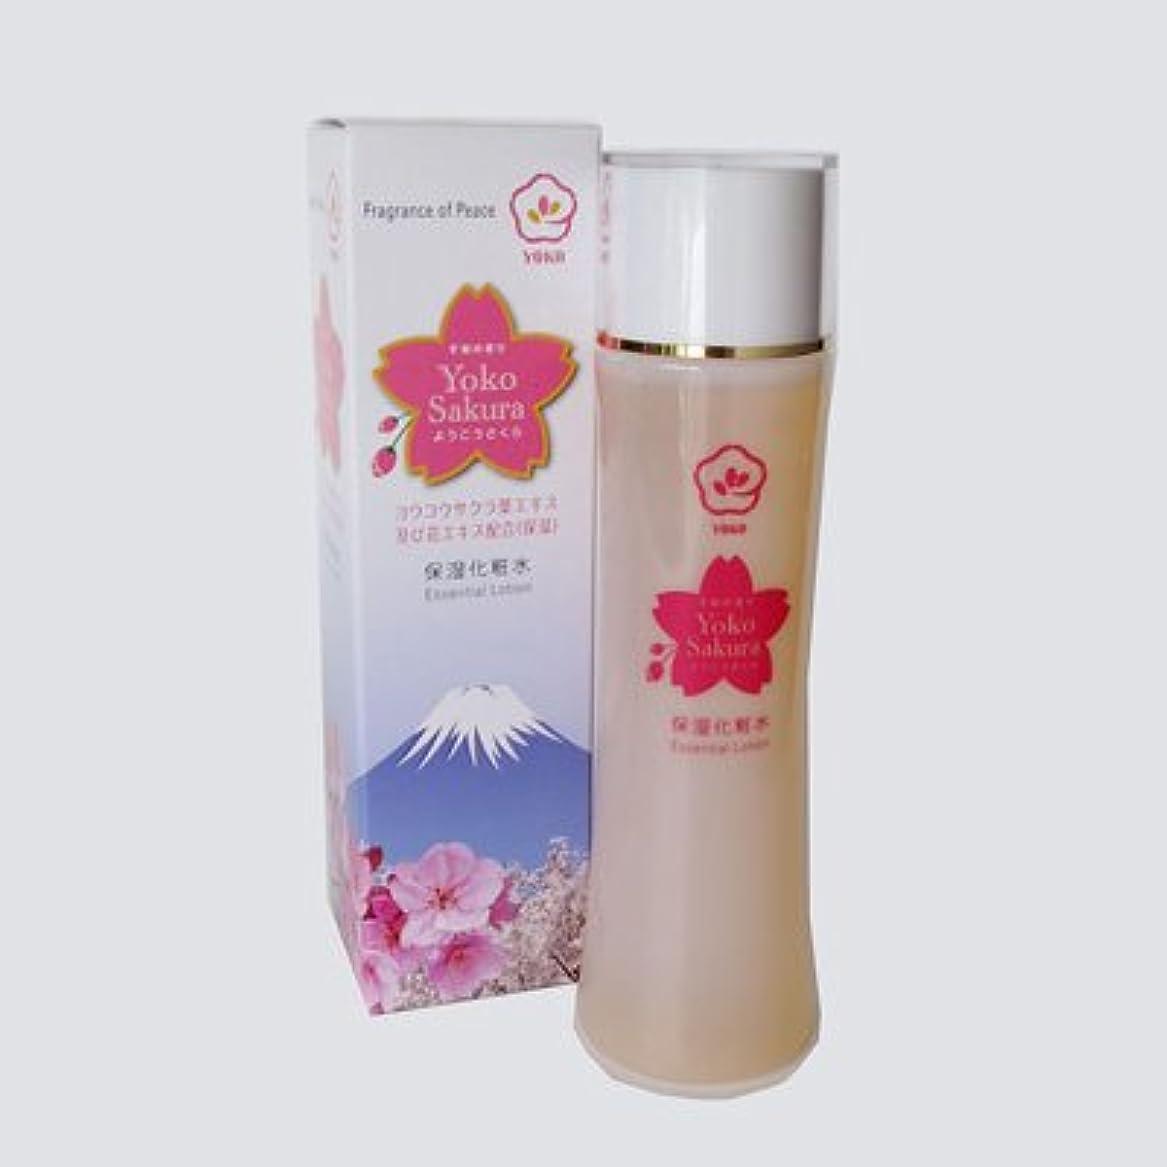 陽光ローション(保湿化粧水) 陽光桜のエキス配合の保湿化粧水。敏感肌の方にもどうぞ